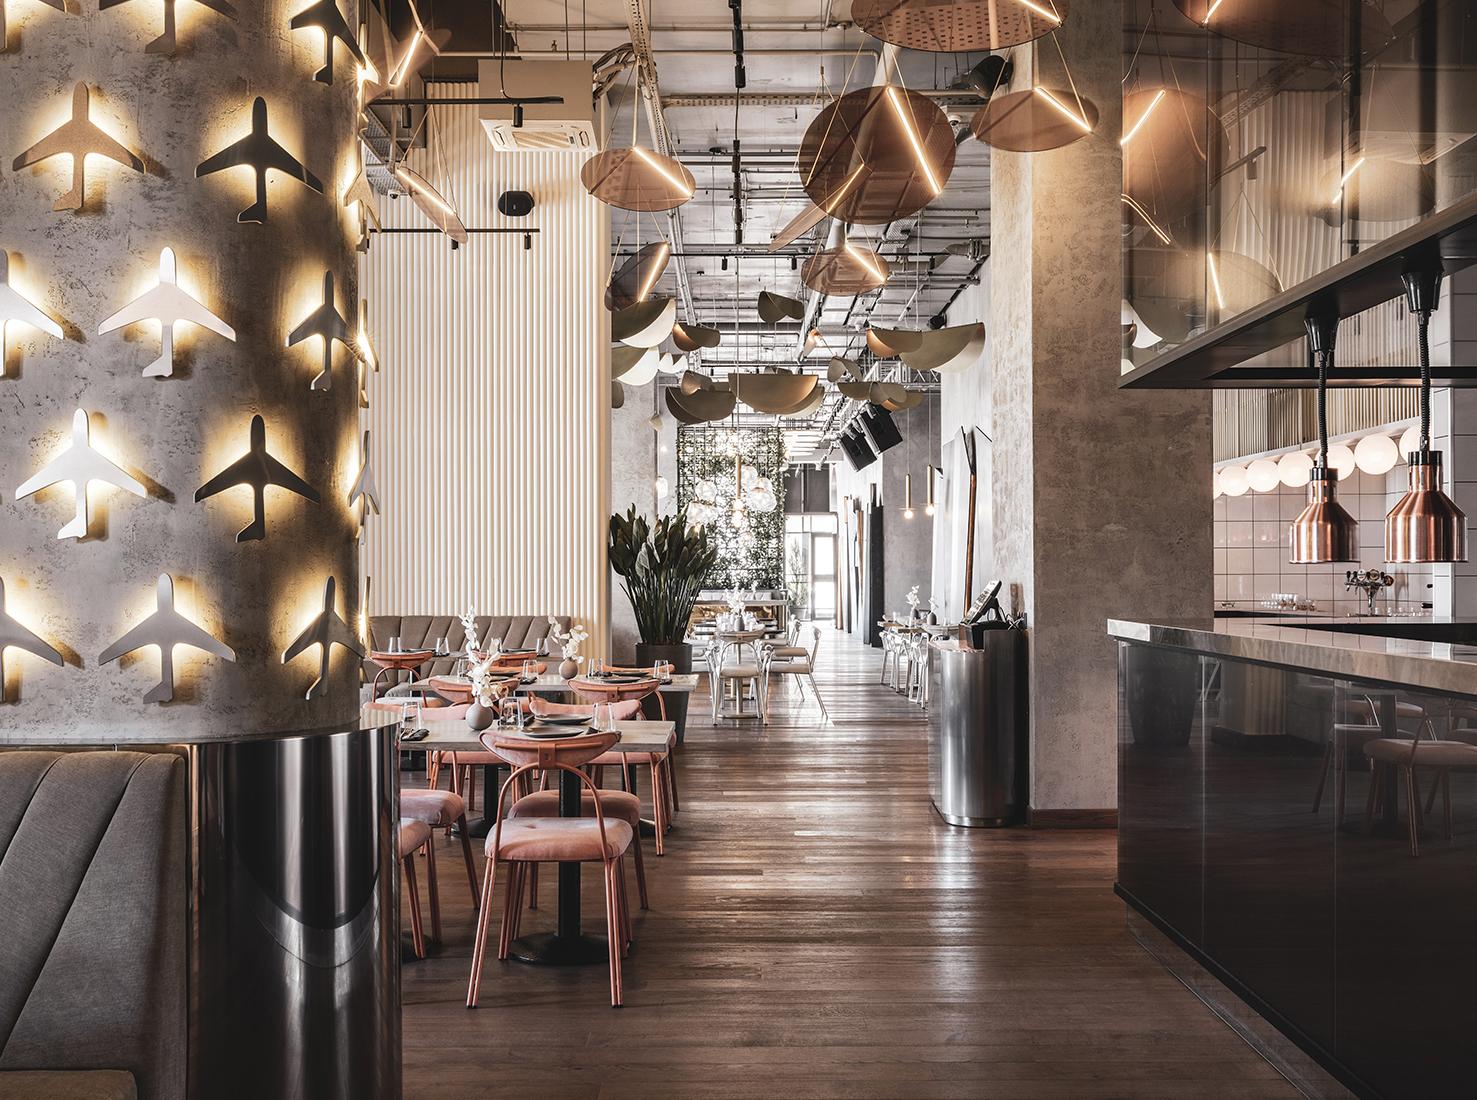 Ресторан Полет интерьеры фото